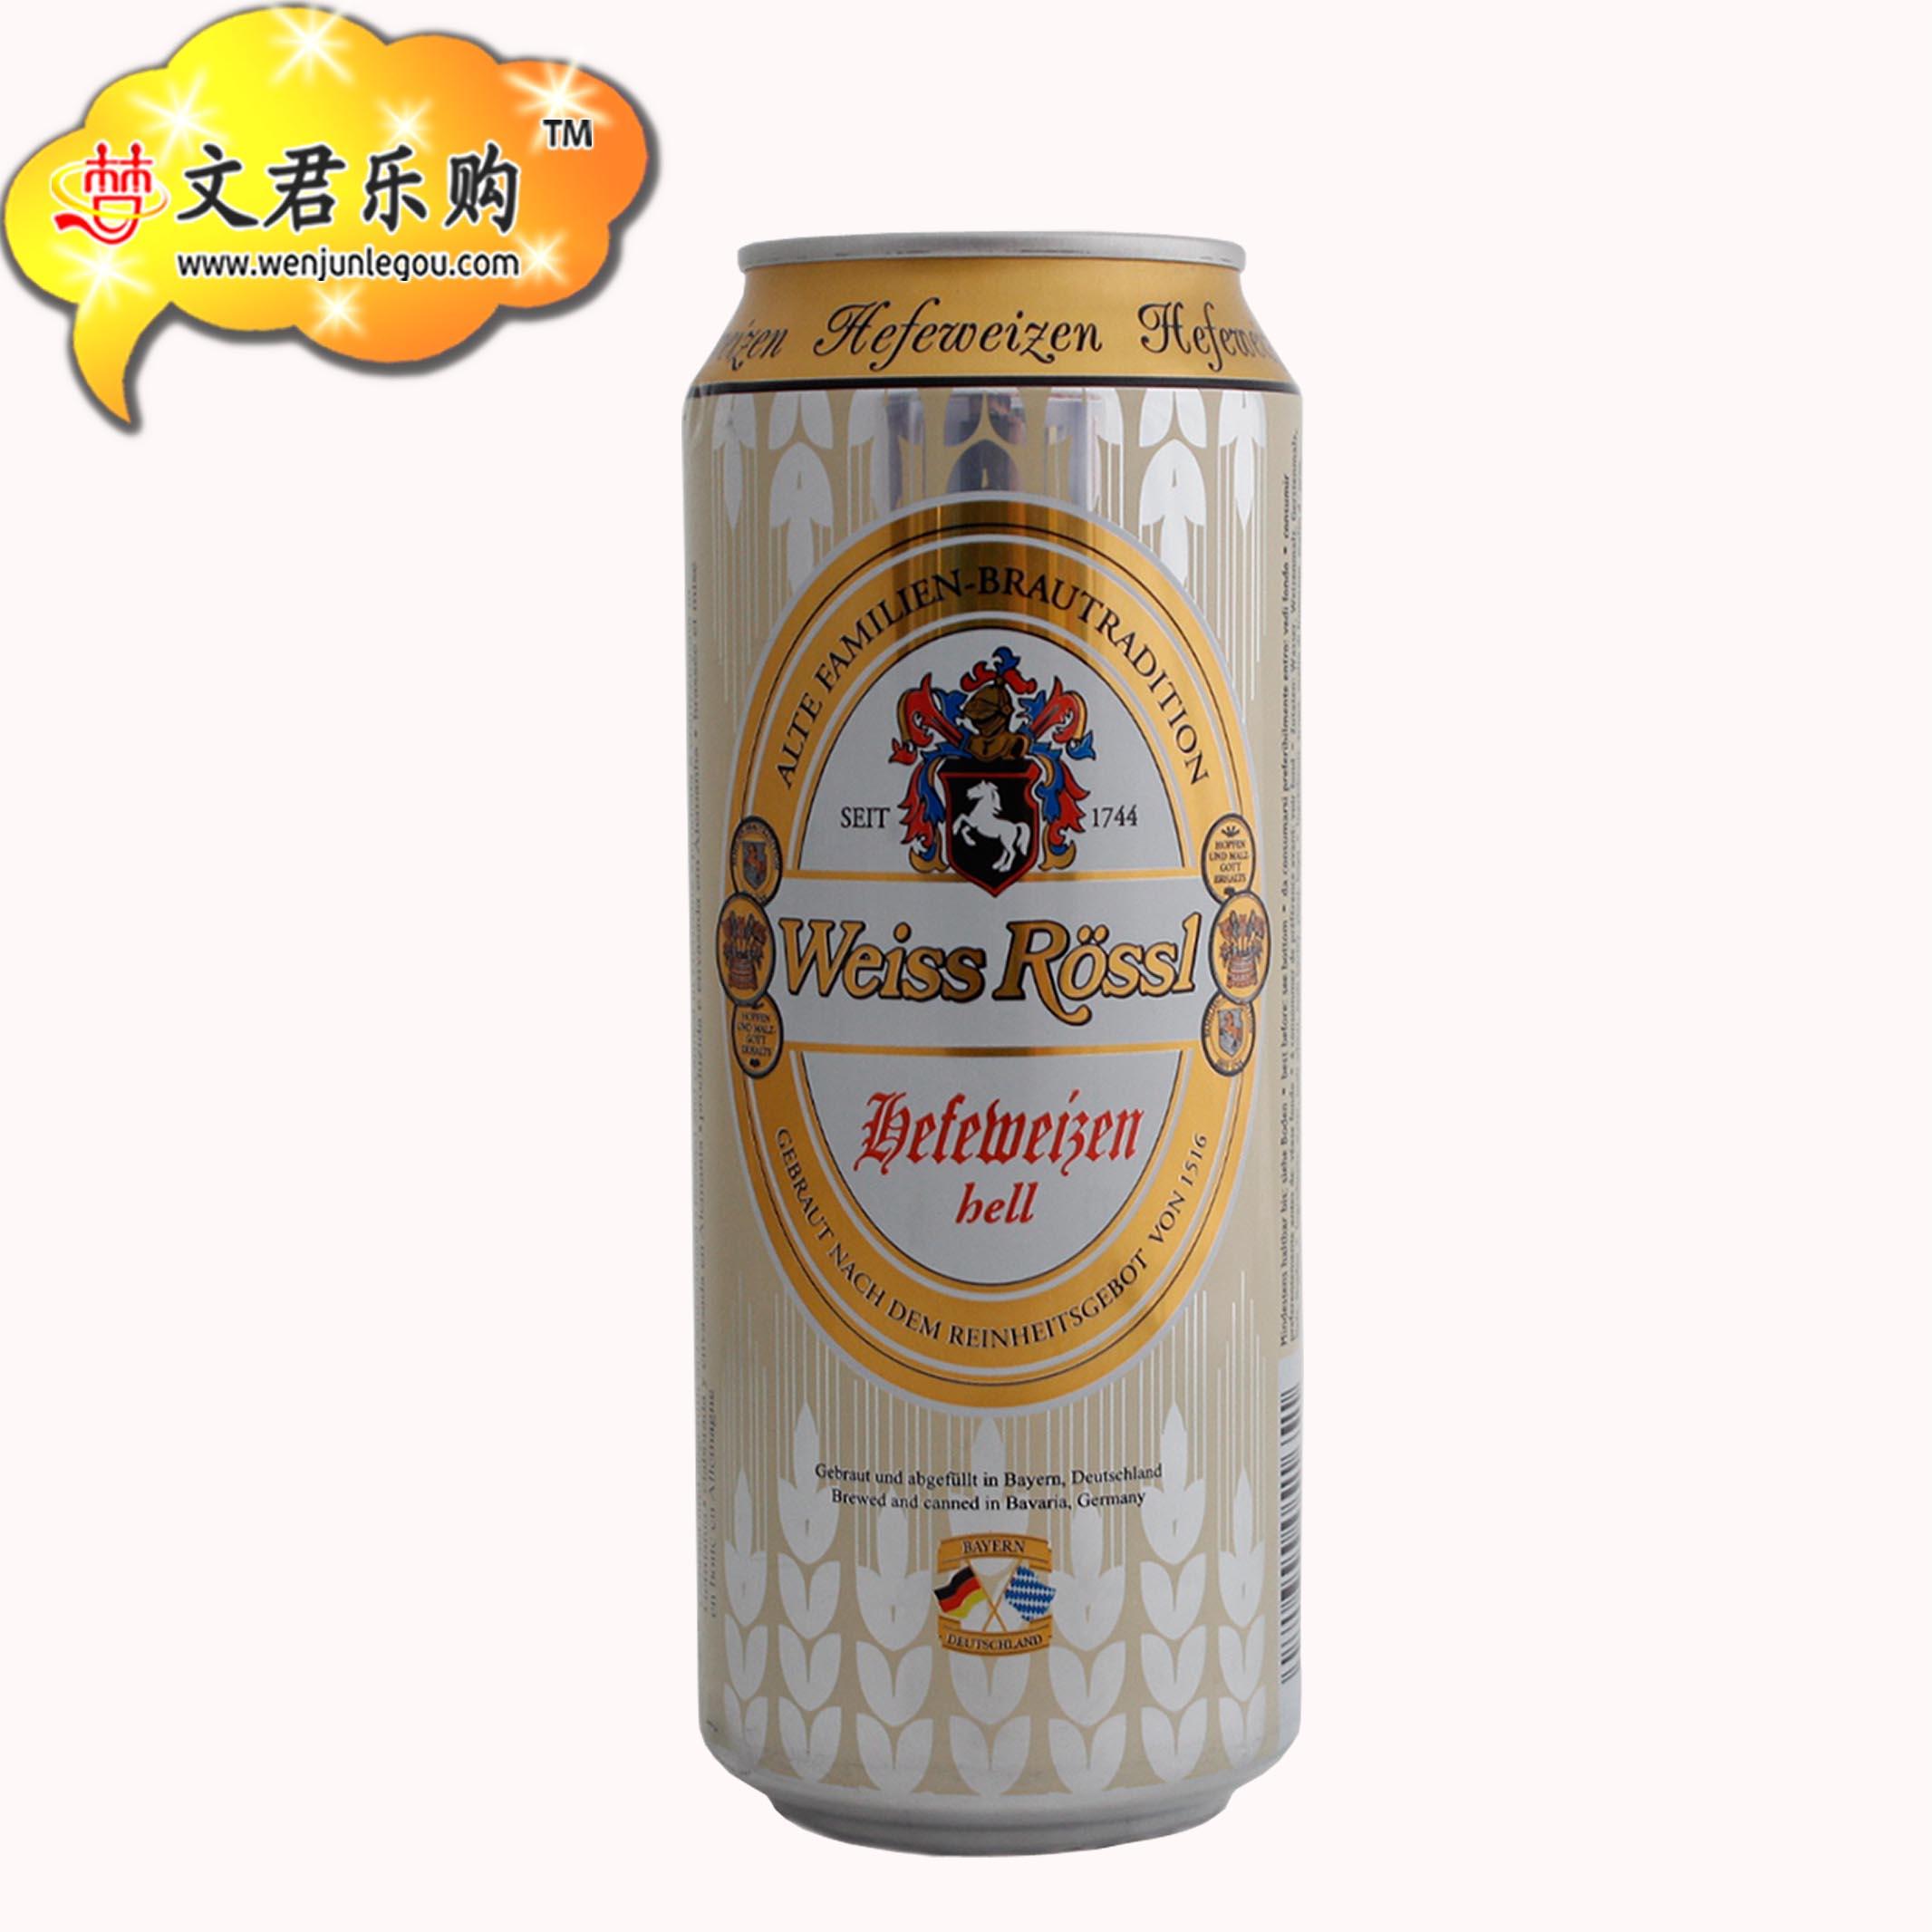 啤酒 特价 德国进口 凯撒威斯路小麦白啤酒500ml 1*24文君乐购